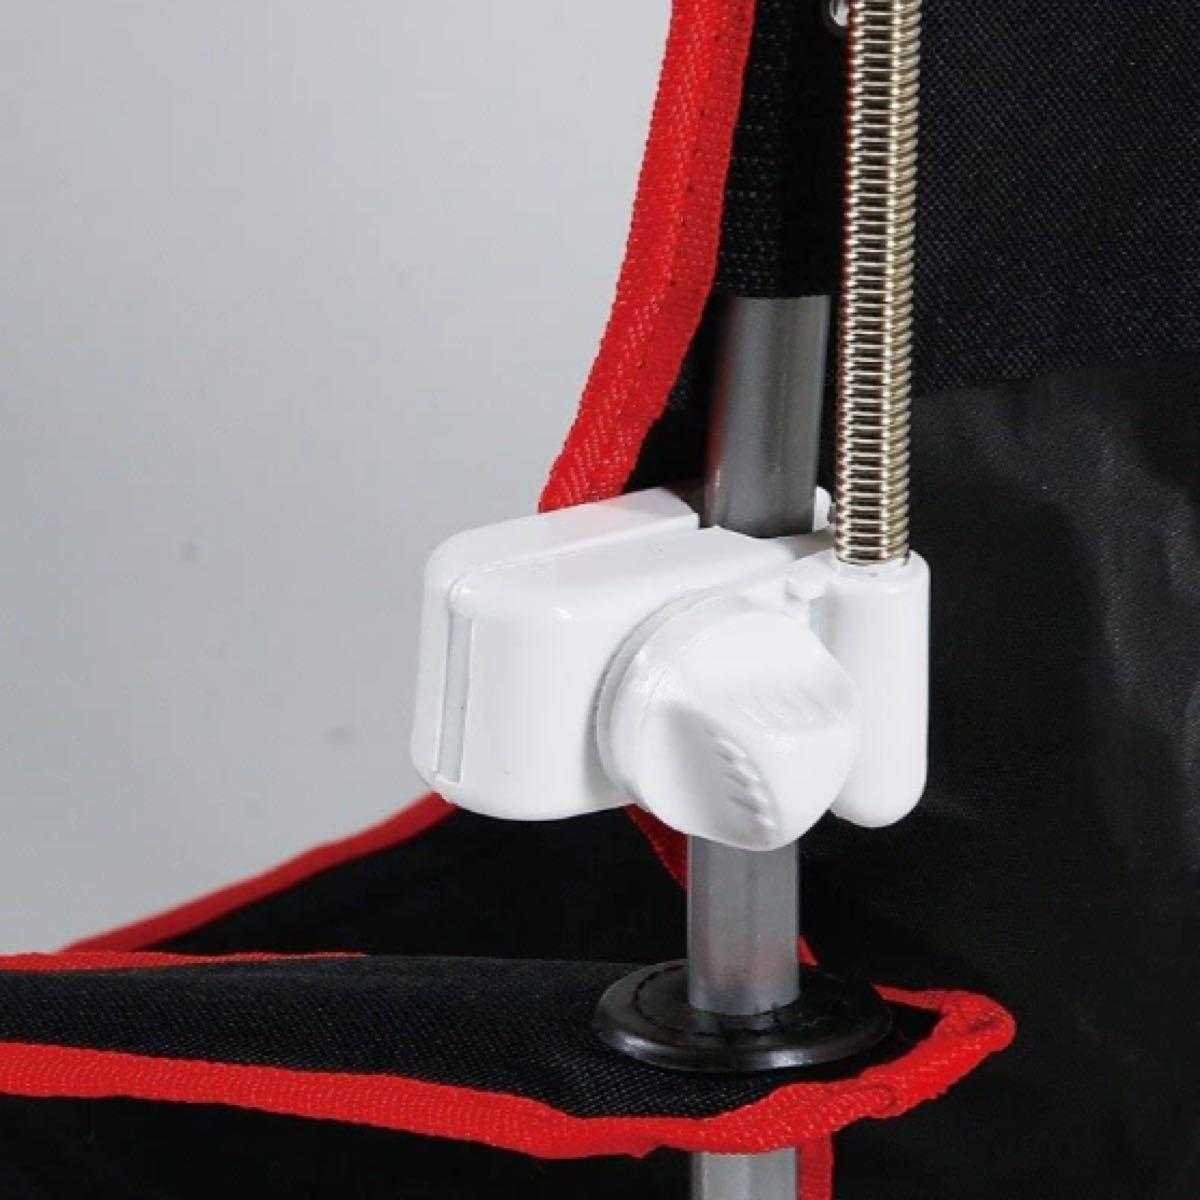 大特価 簡単装着 チェアーパラソル2本 パラソル  アウトドアチェア キャプテンスタッグ キャンプ用品